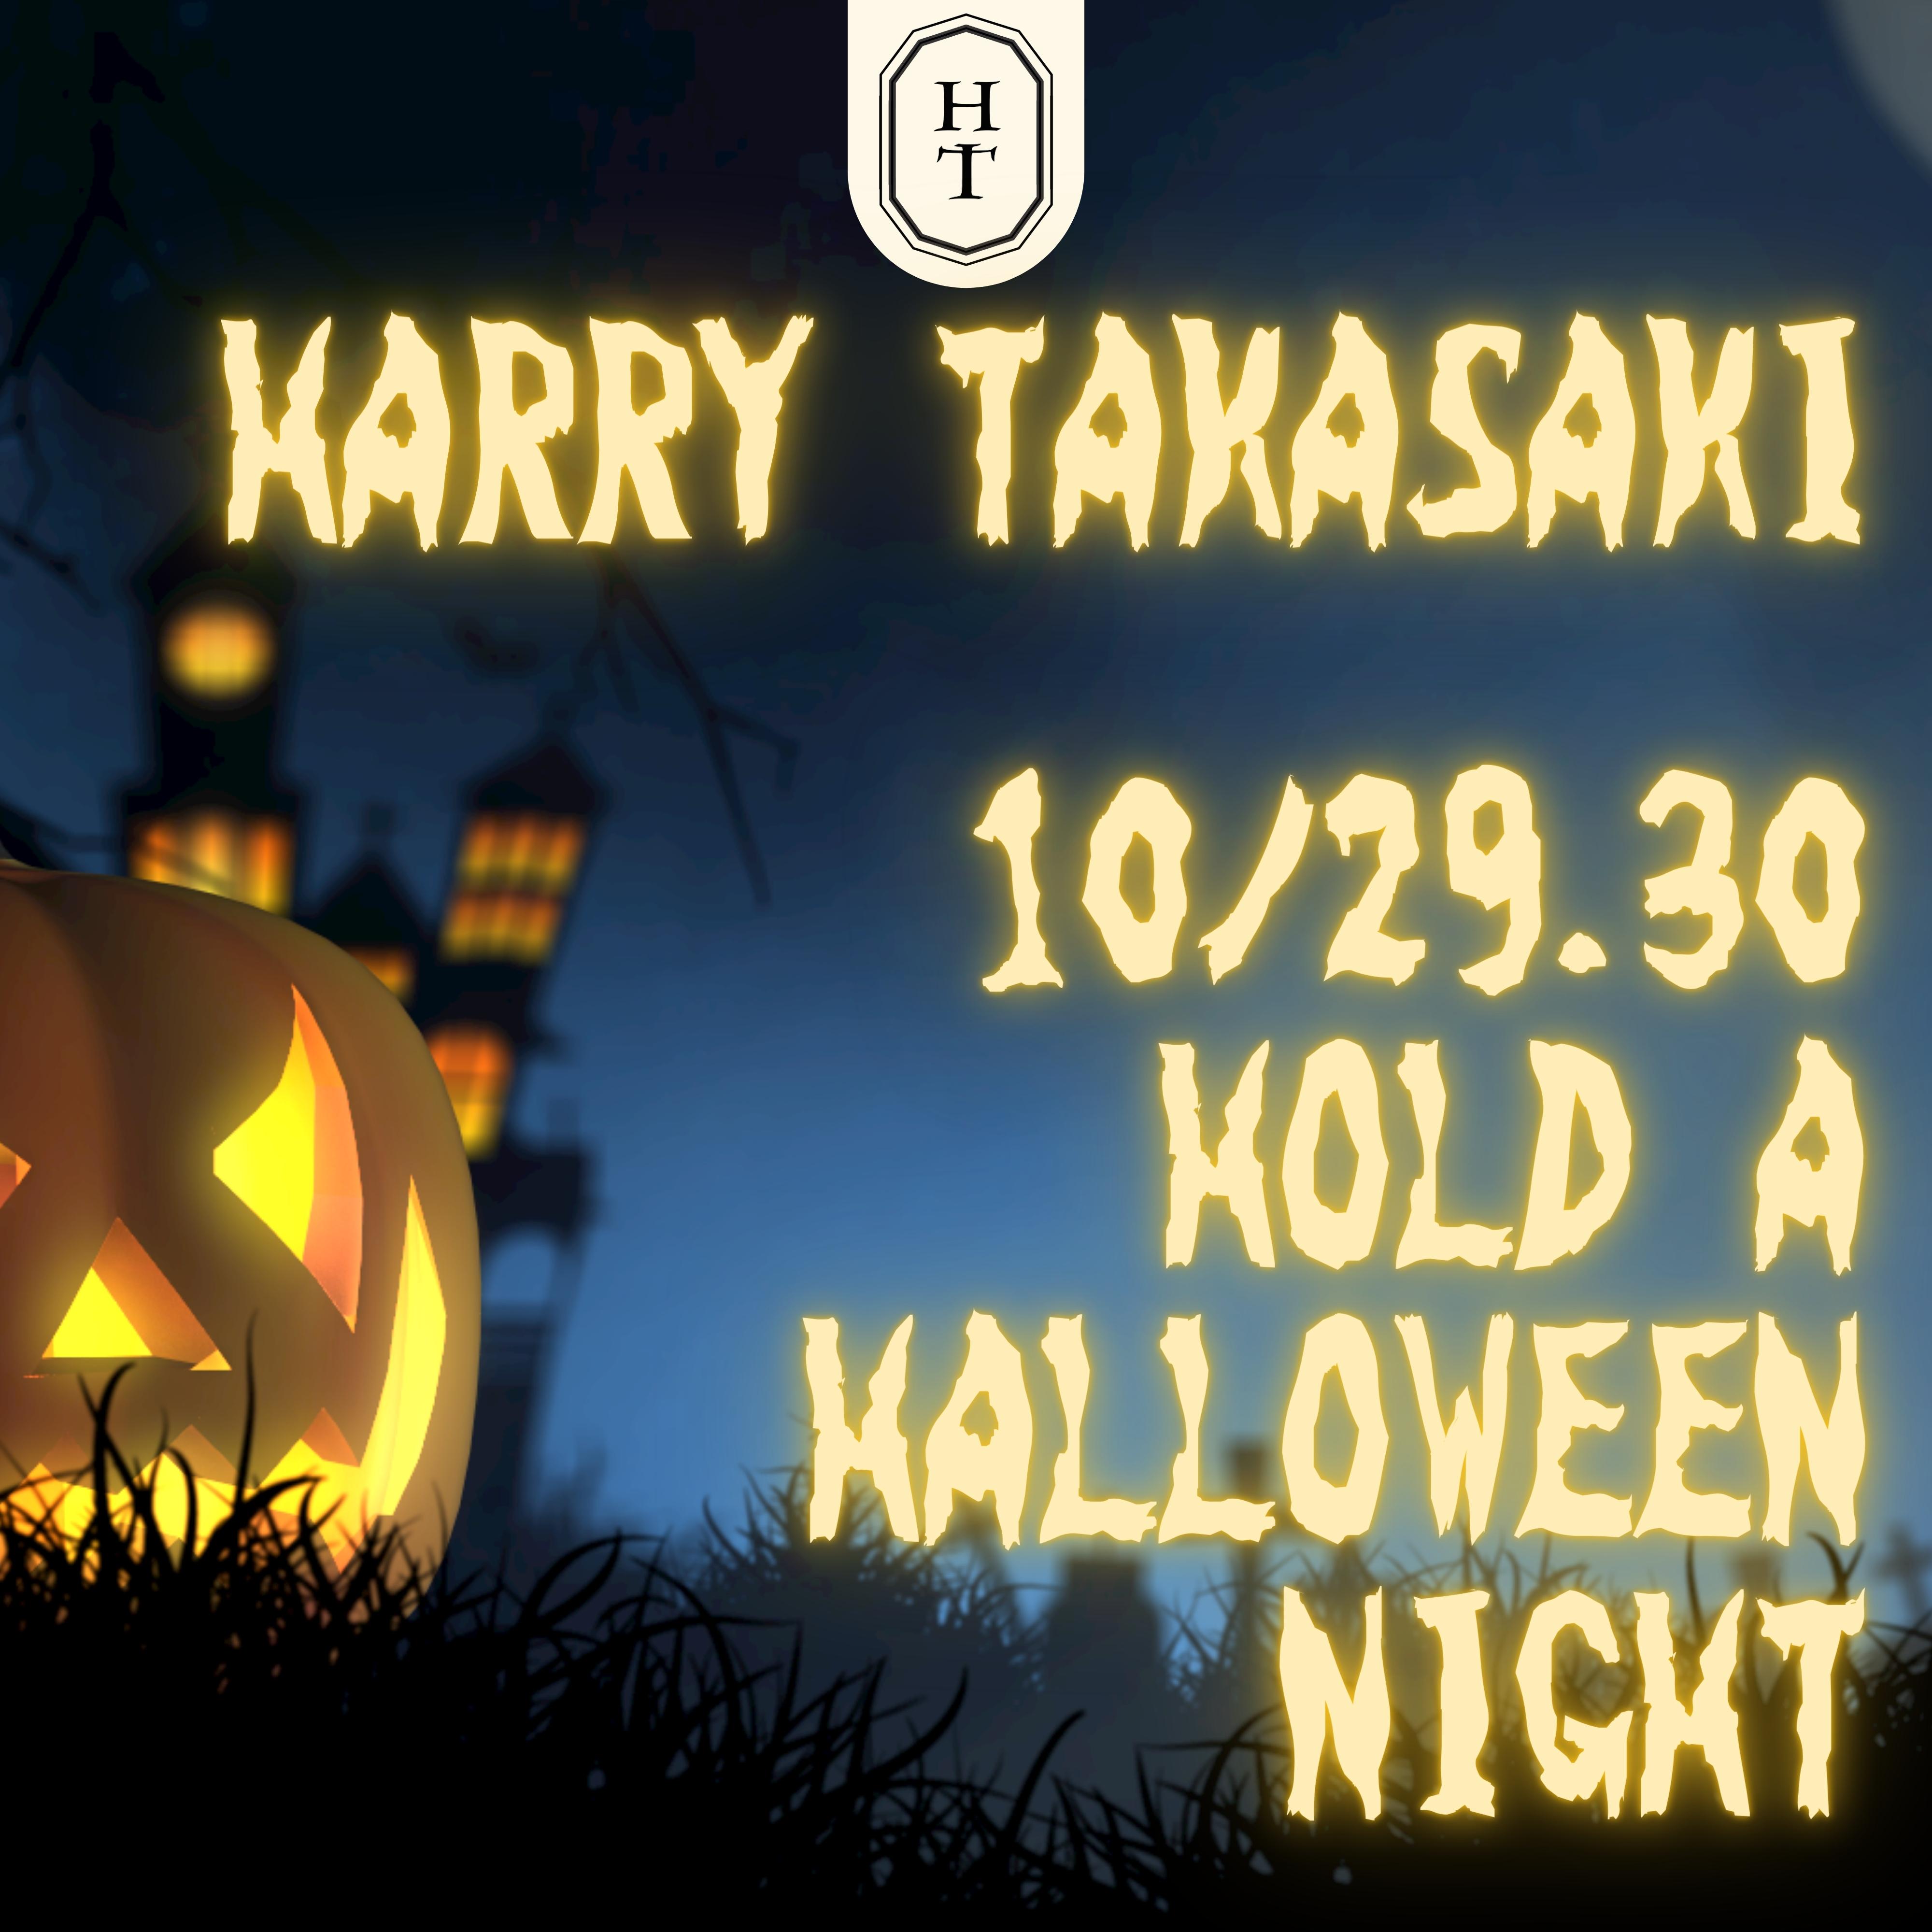 HARRY TAKASAKI